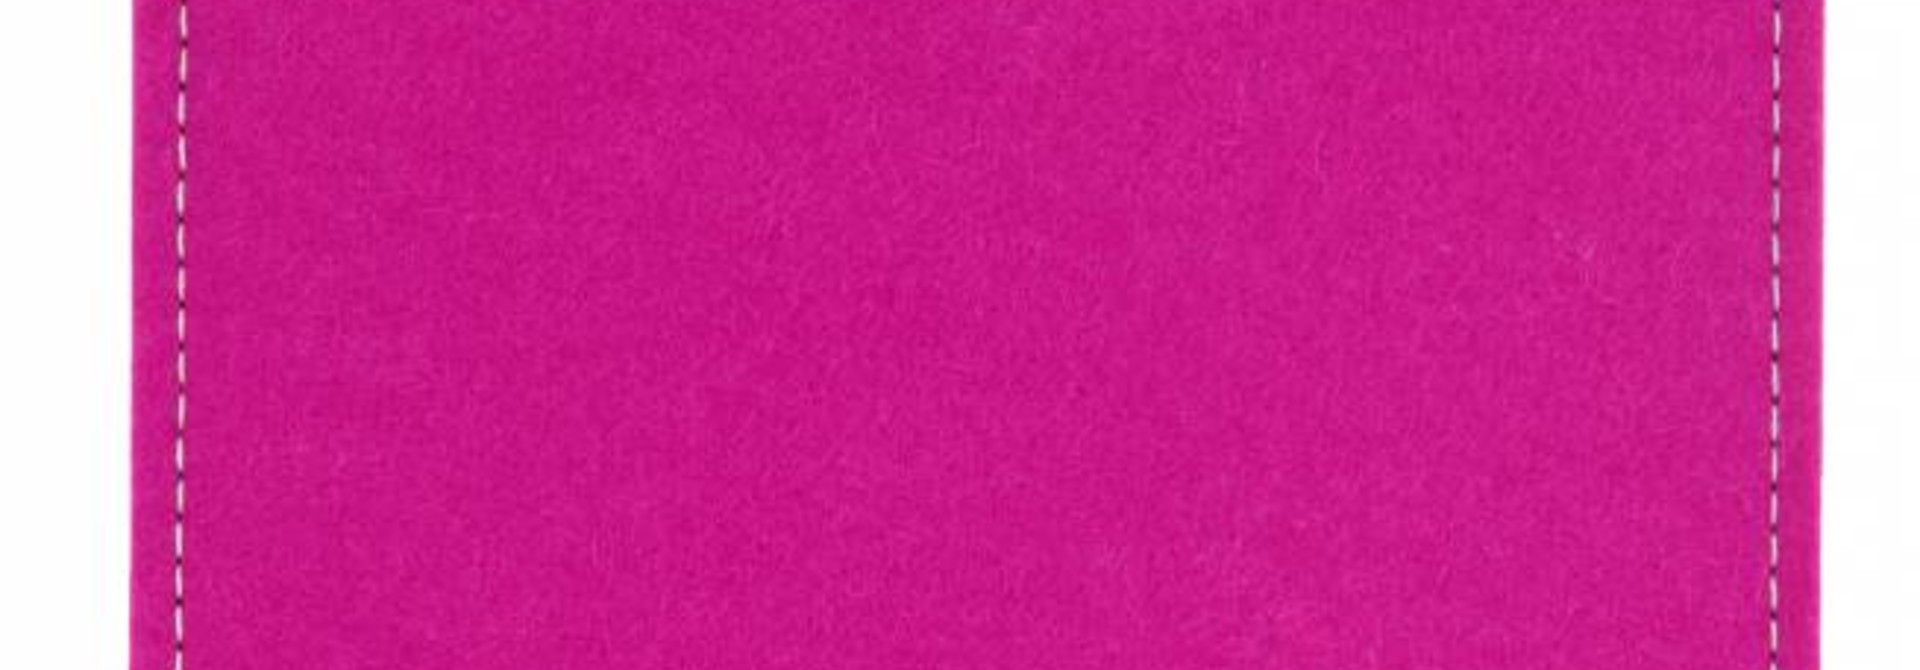 Magic Trackpad Sleeve Pink